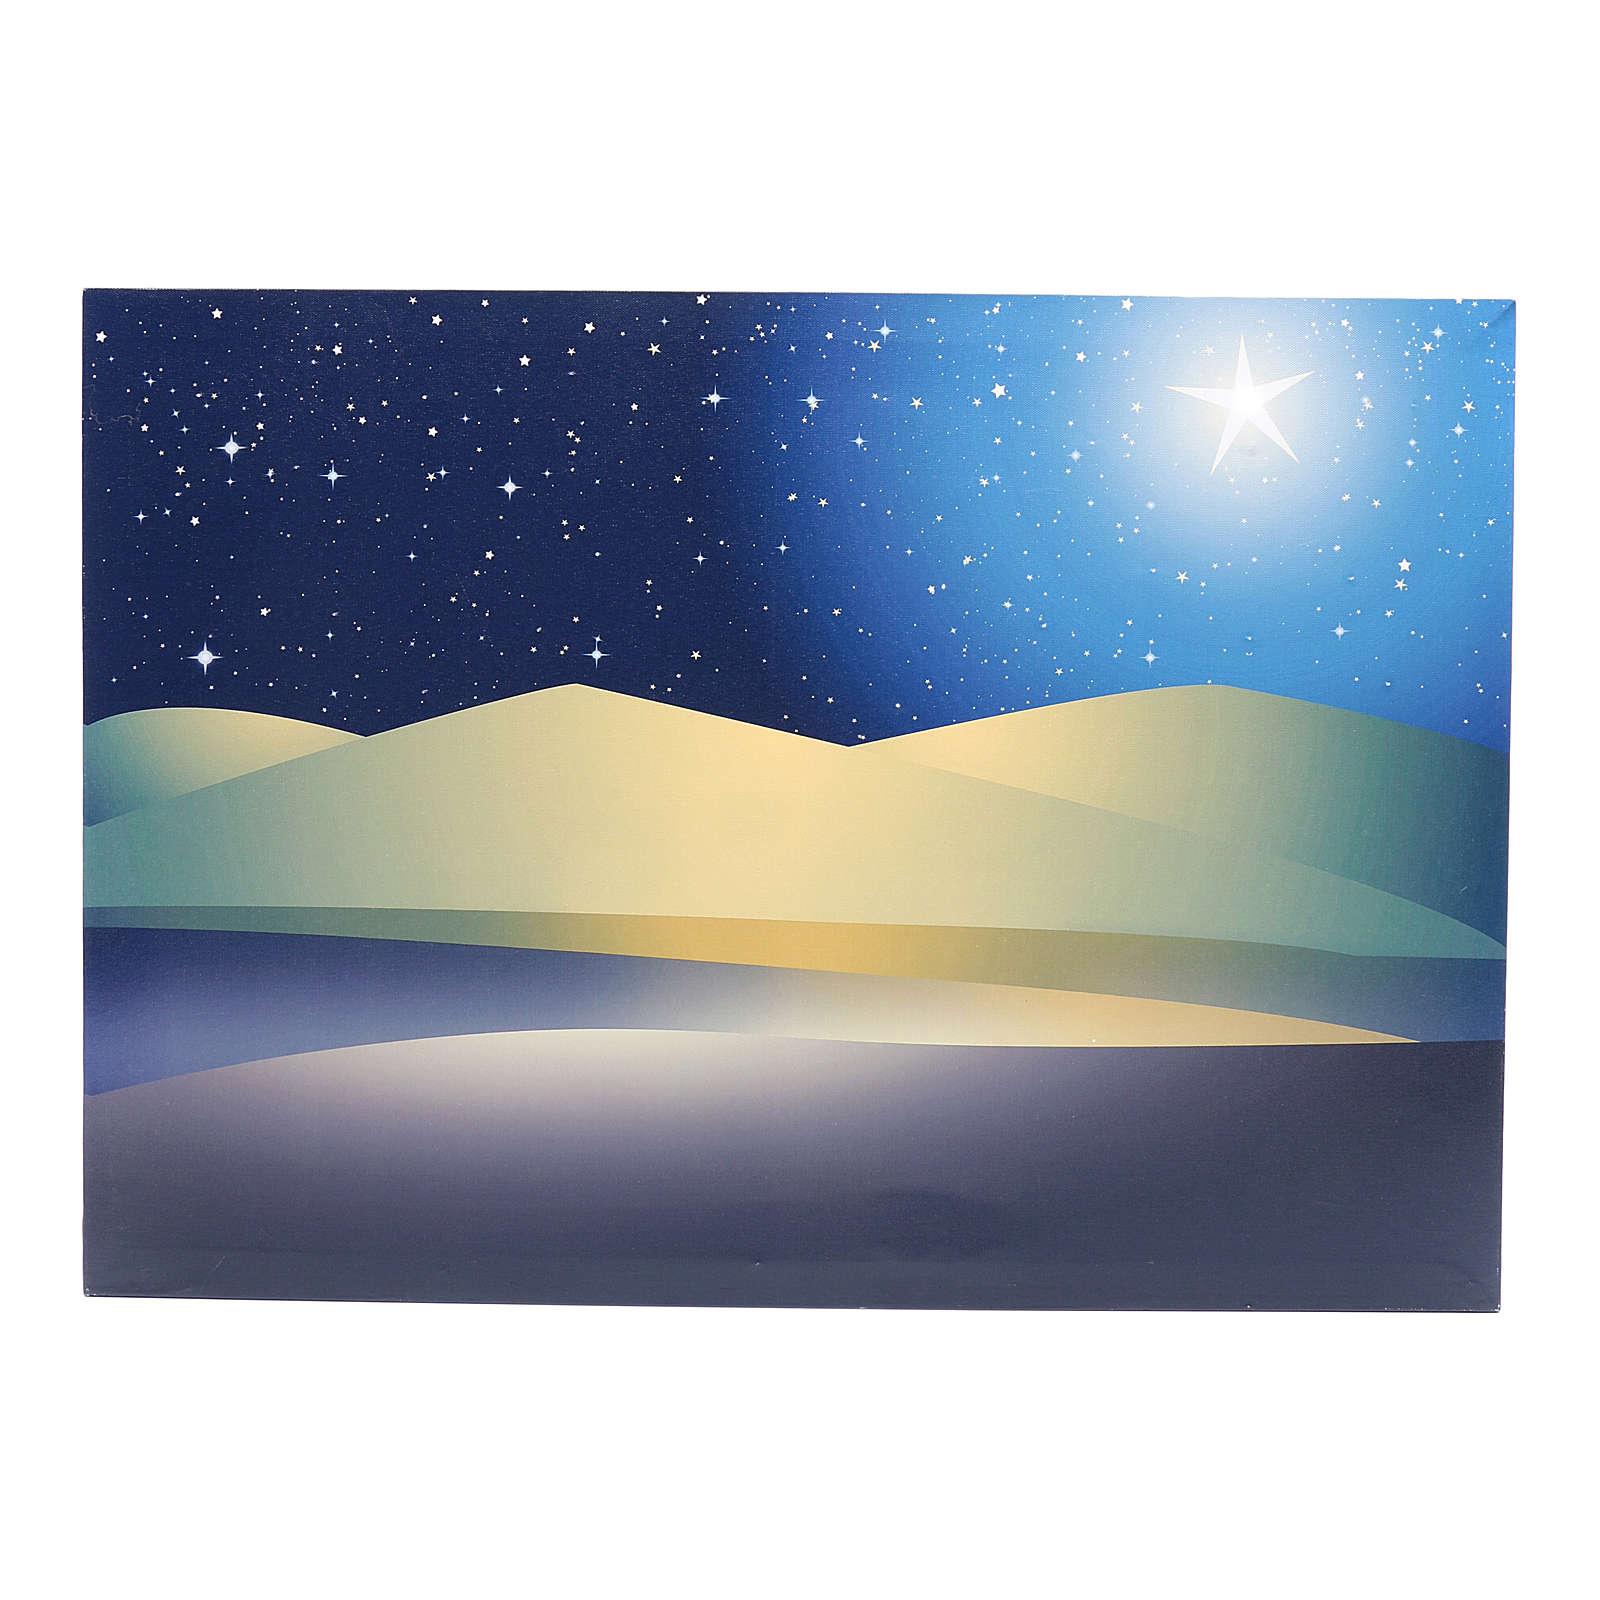 Fundo cenário estrelas iluminadas Led 50x70 cm 4